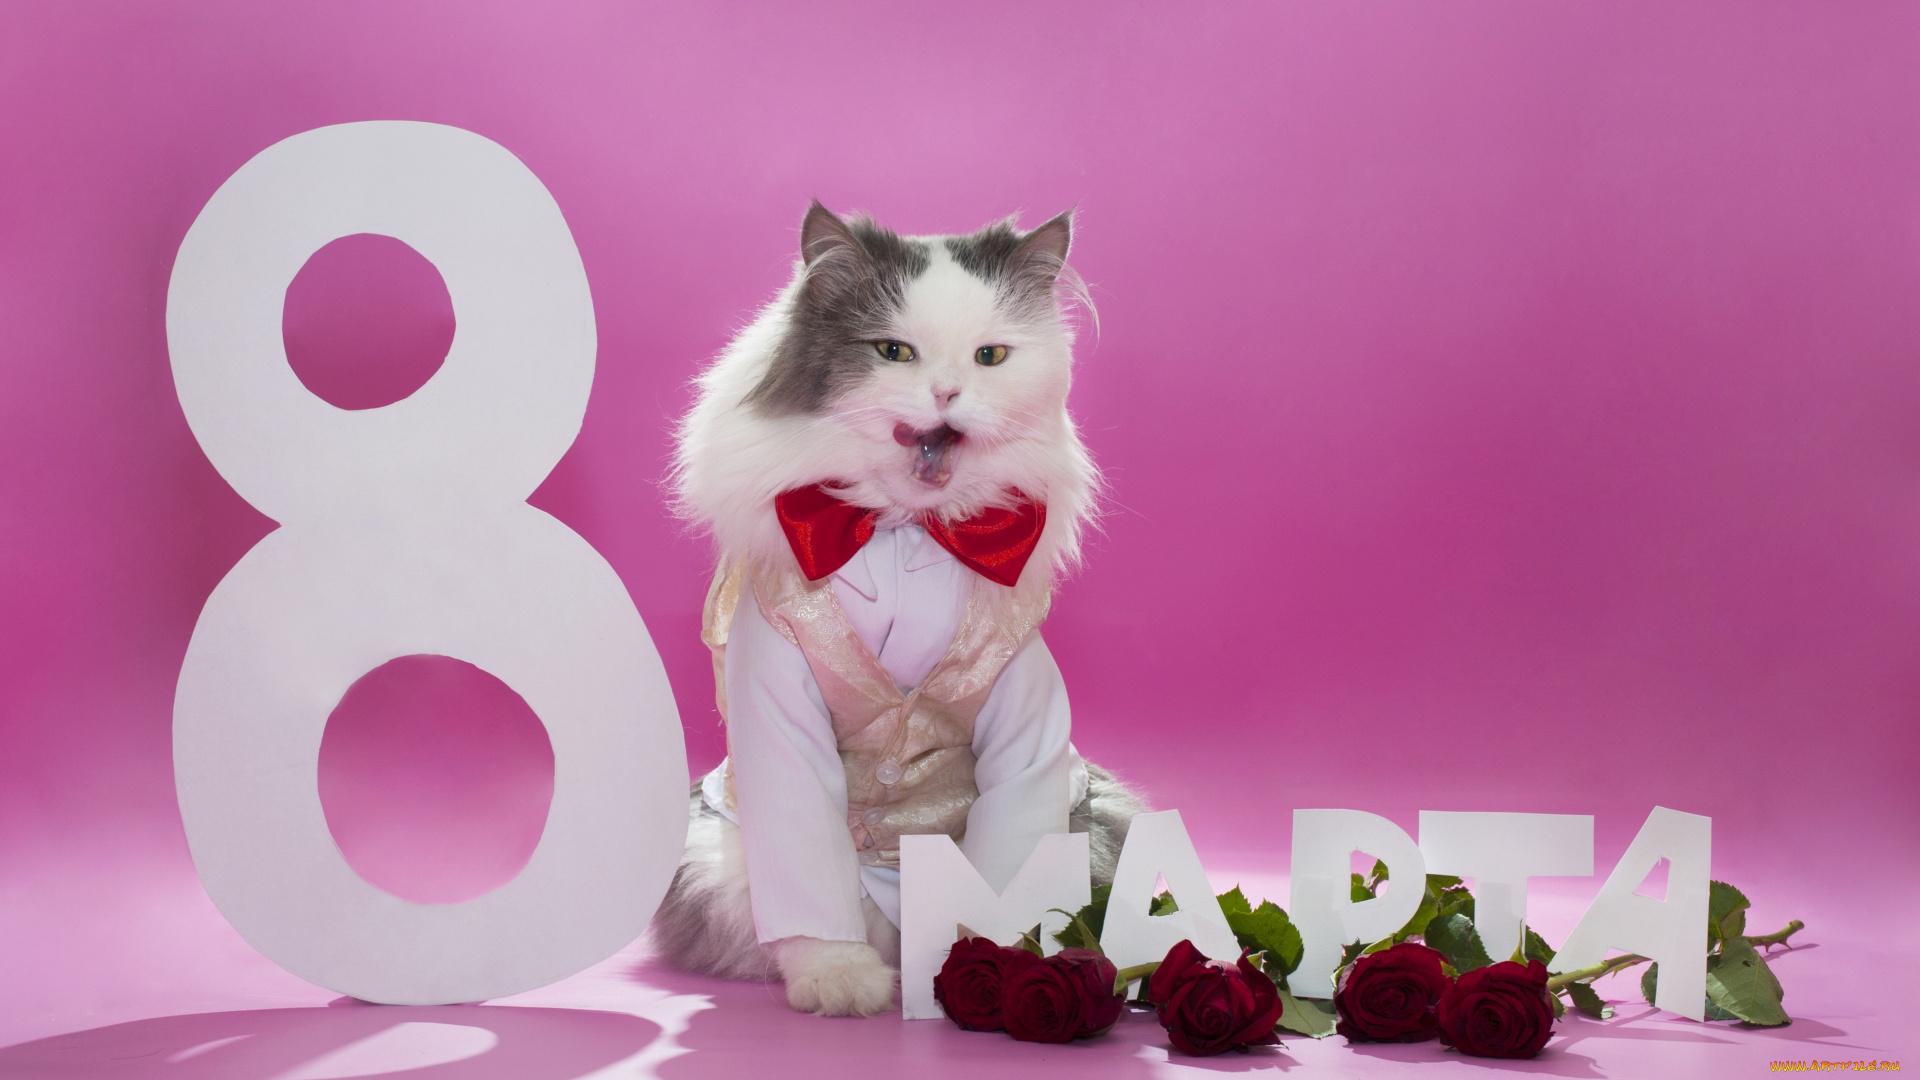 Кот в сапогах открытка 8 марта себестоимости, кроме